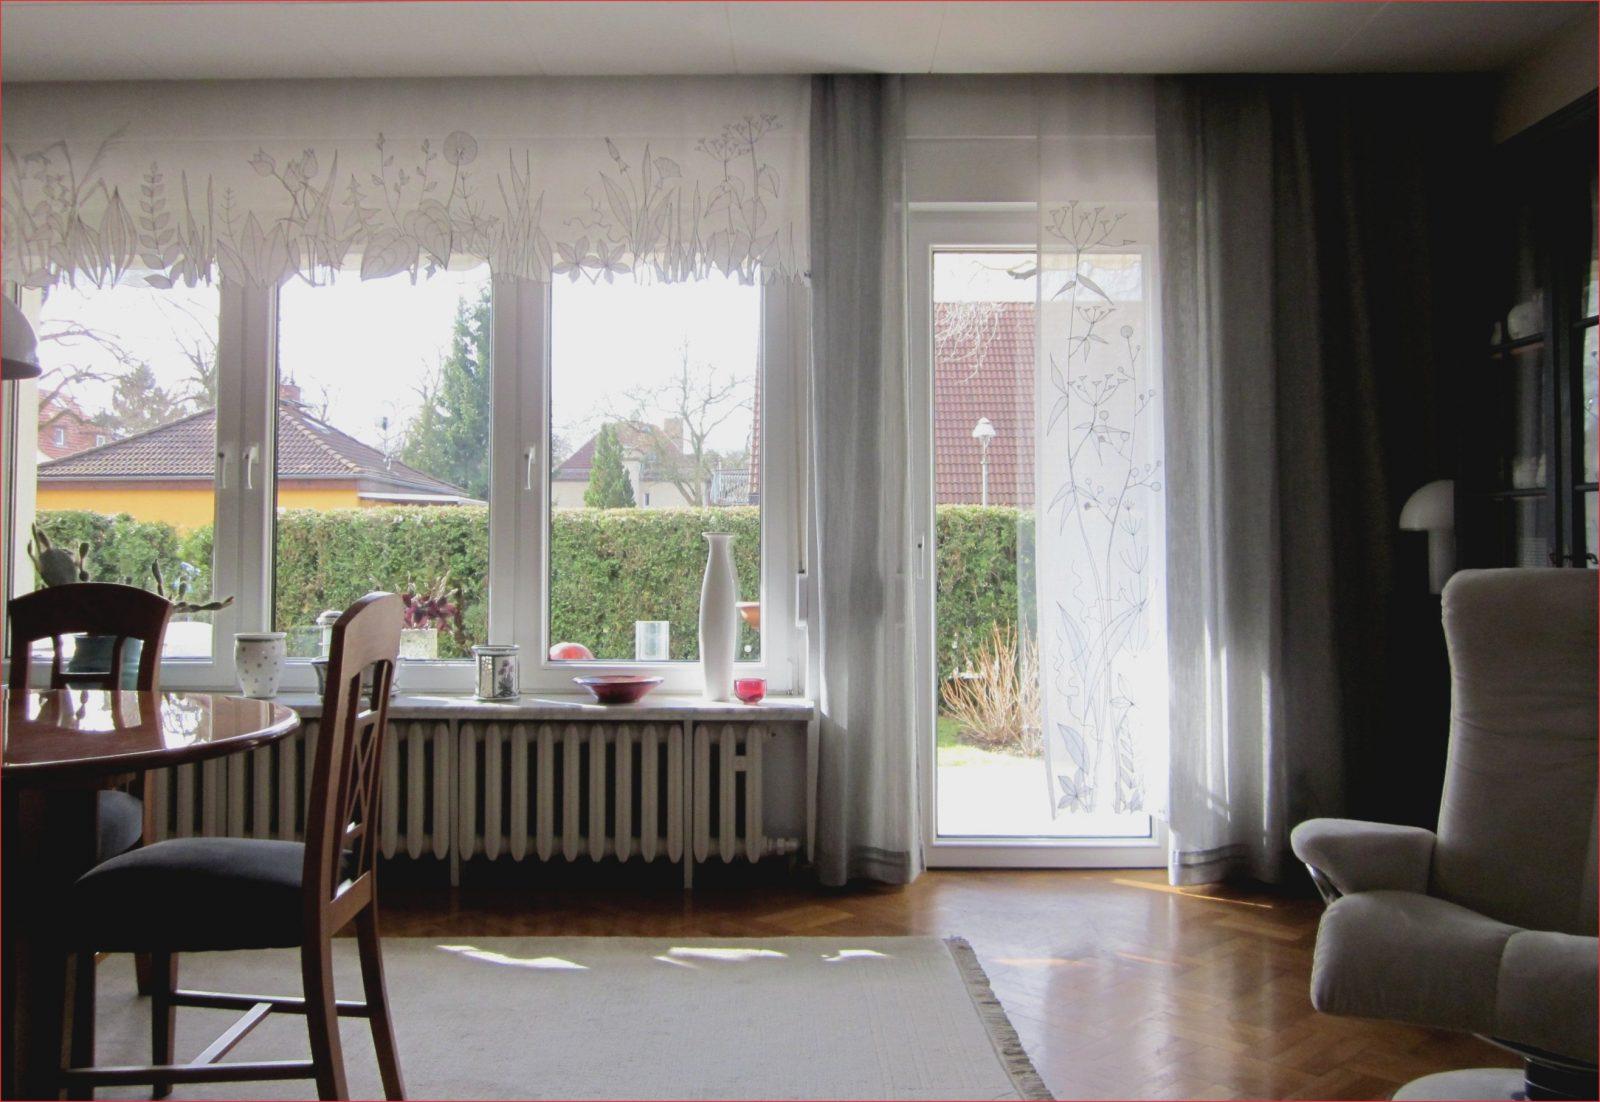 Garten Konzept 29 Einzigartig Gardinen Für Großes Fenster Mit von Gardinen Ideen Für Große Fenster Photo